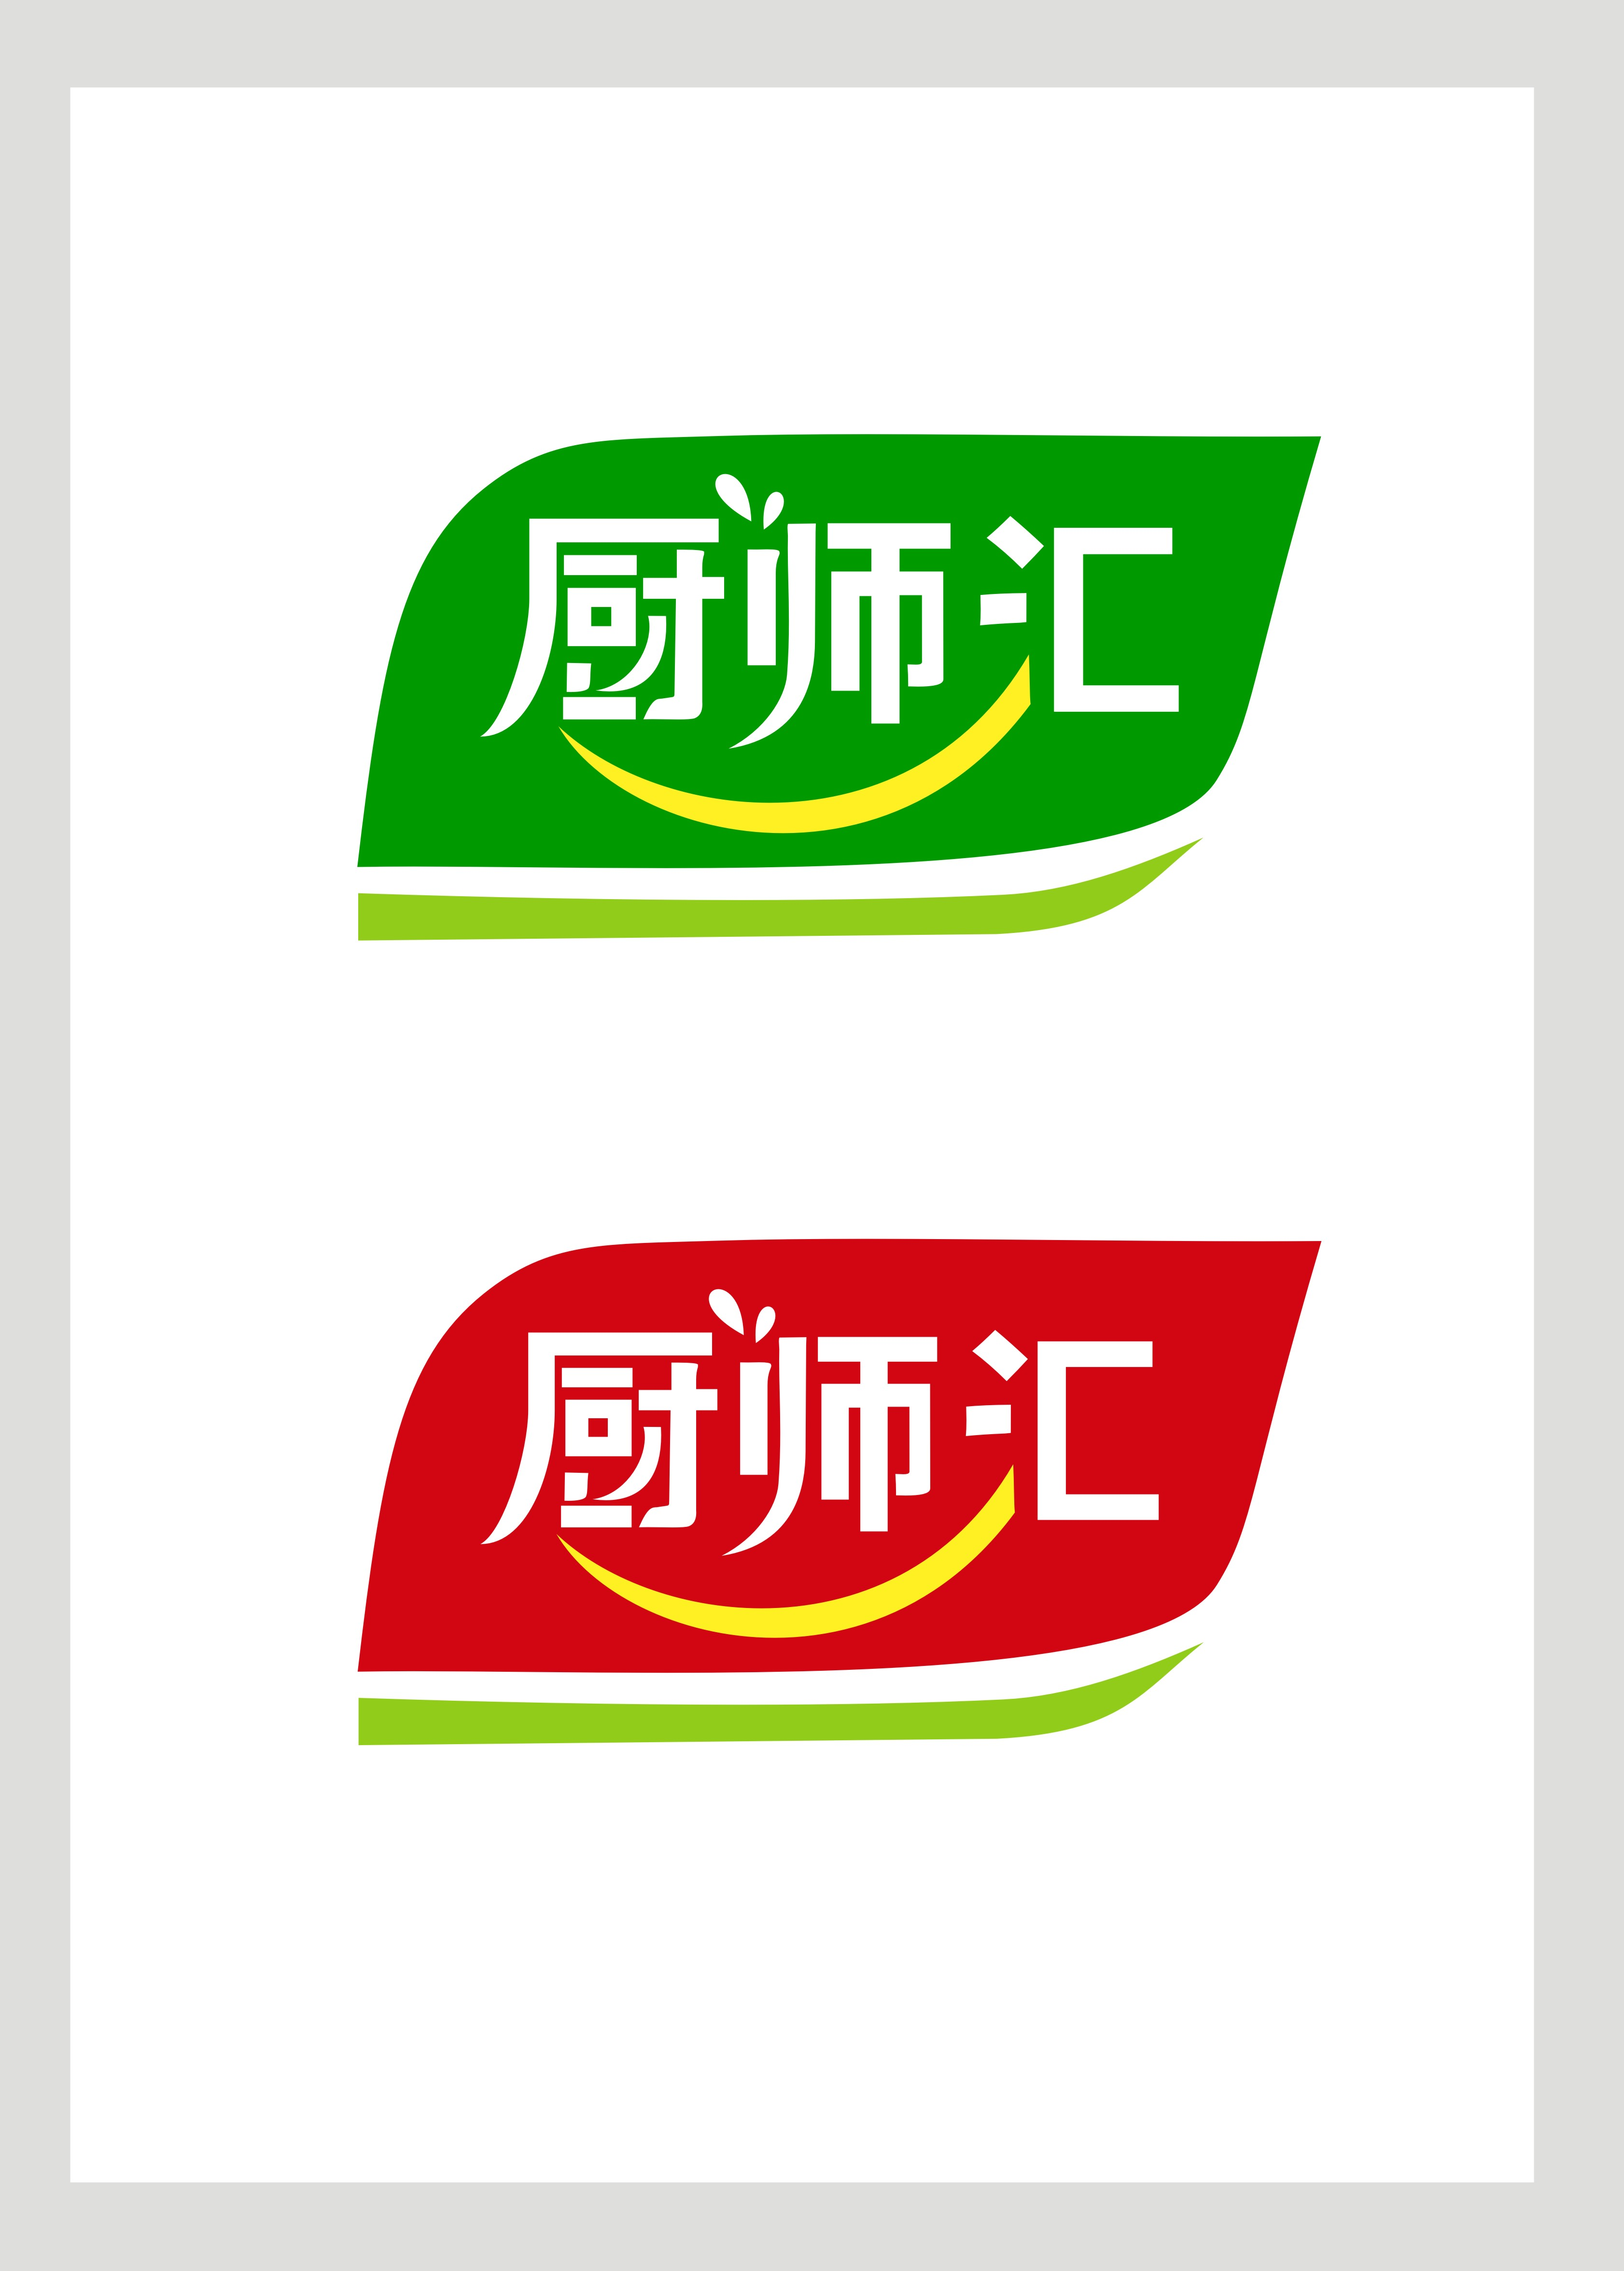 物流公司logo设计